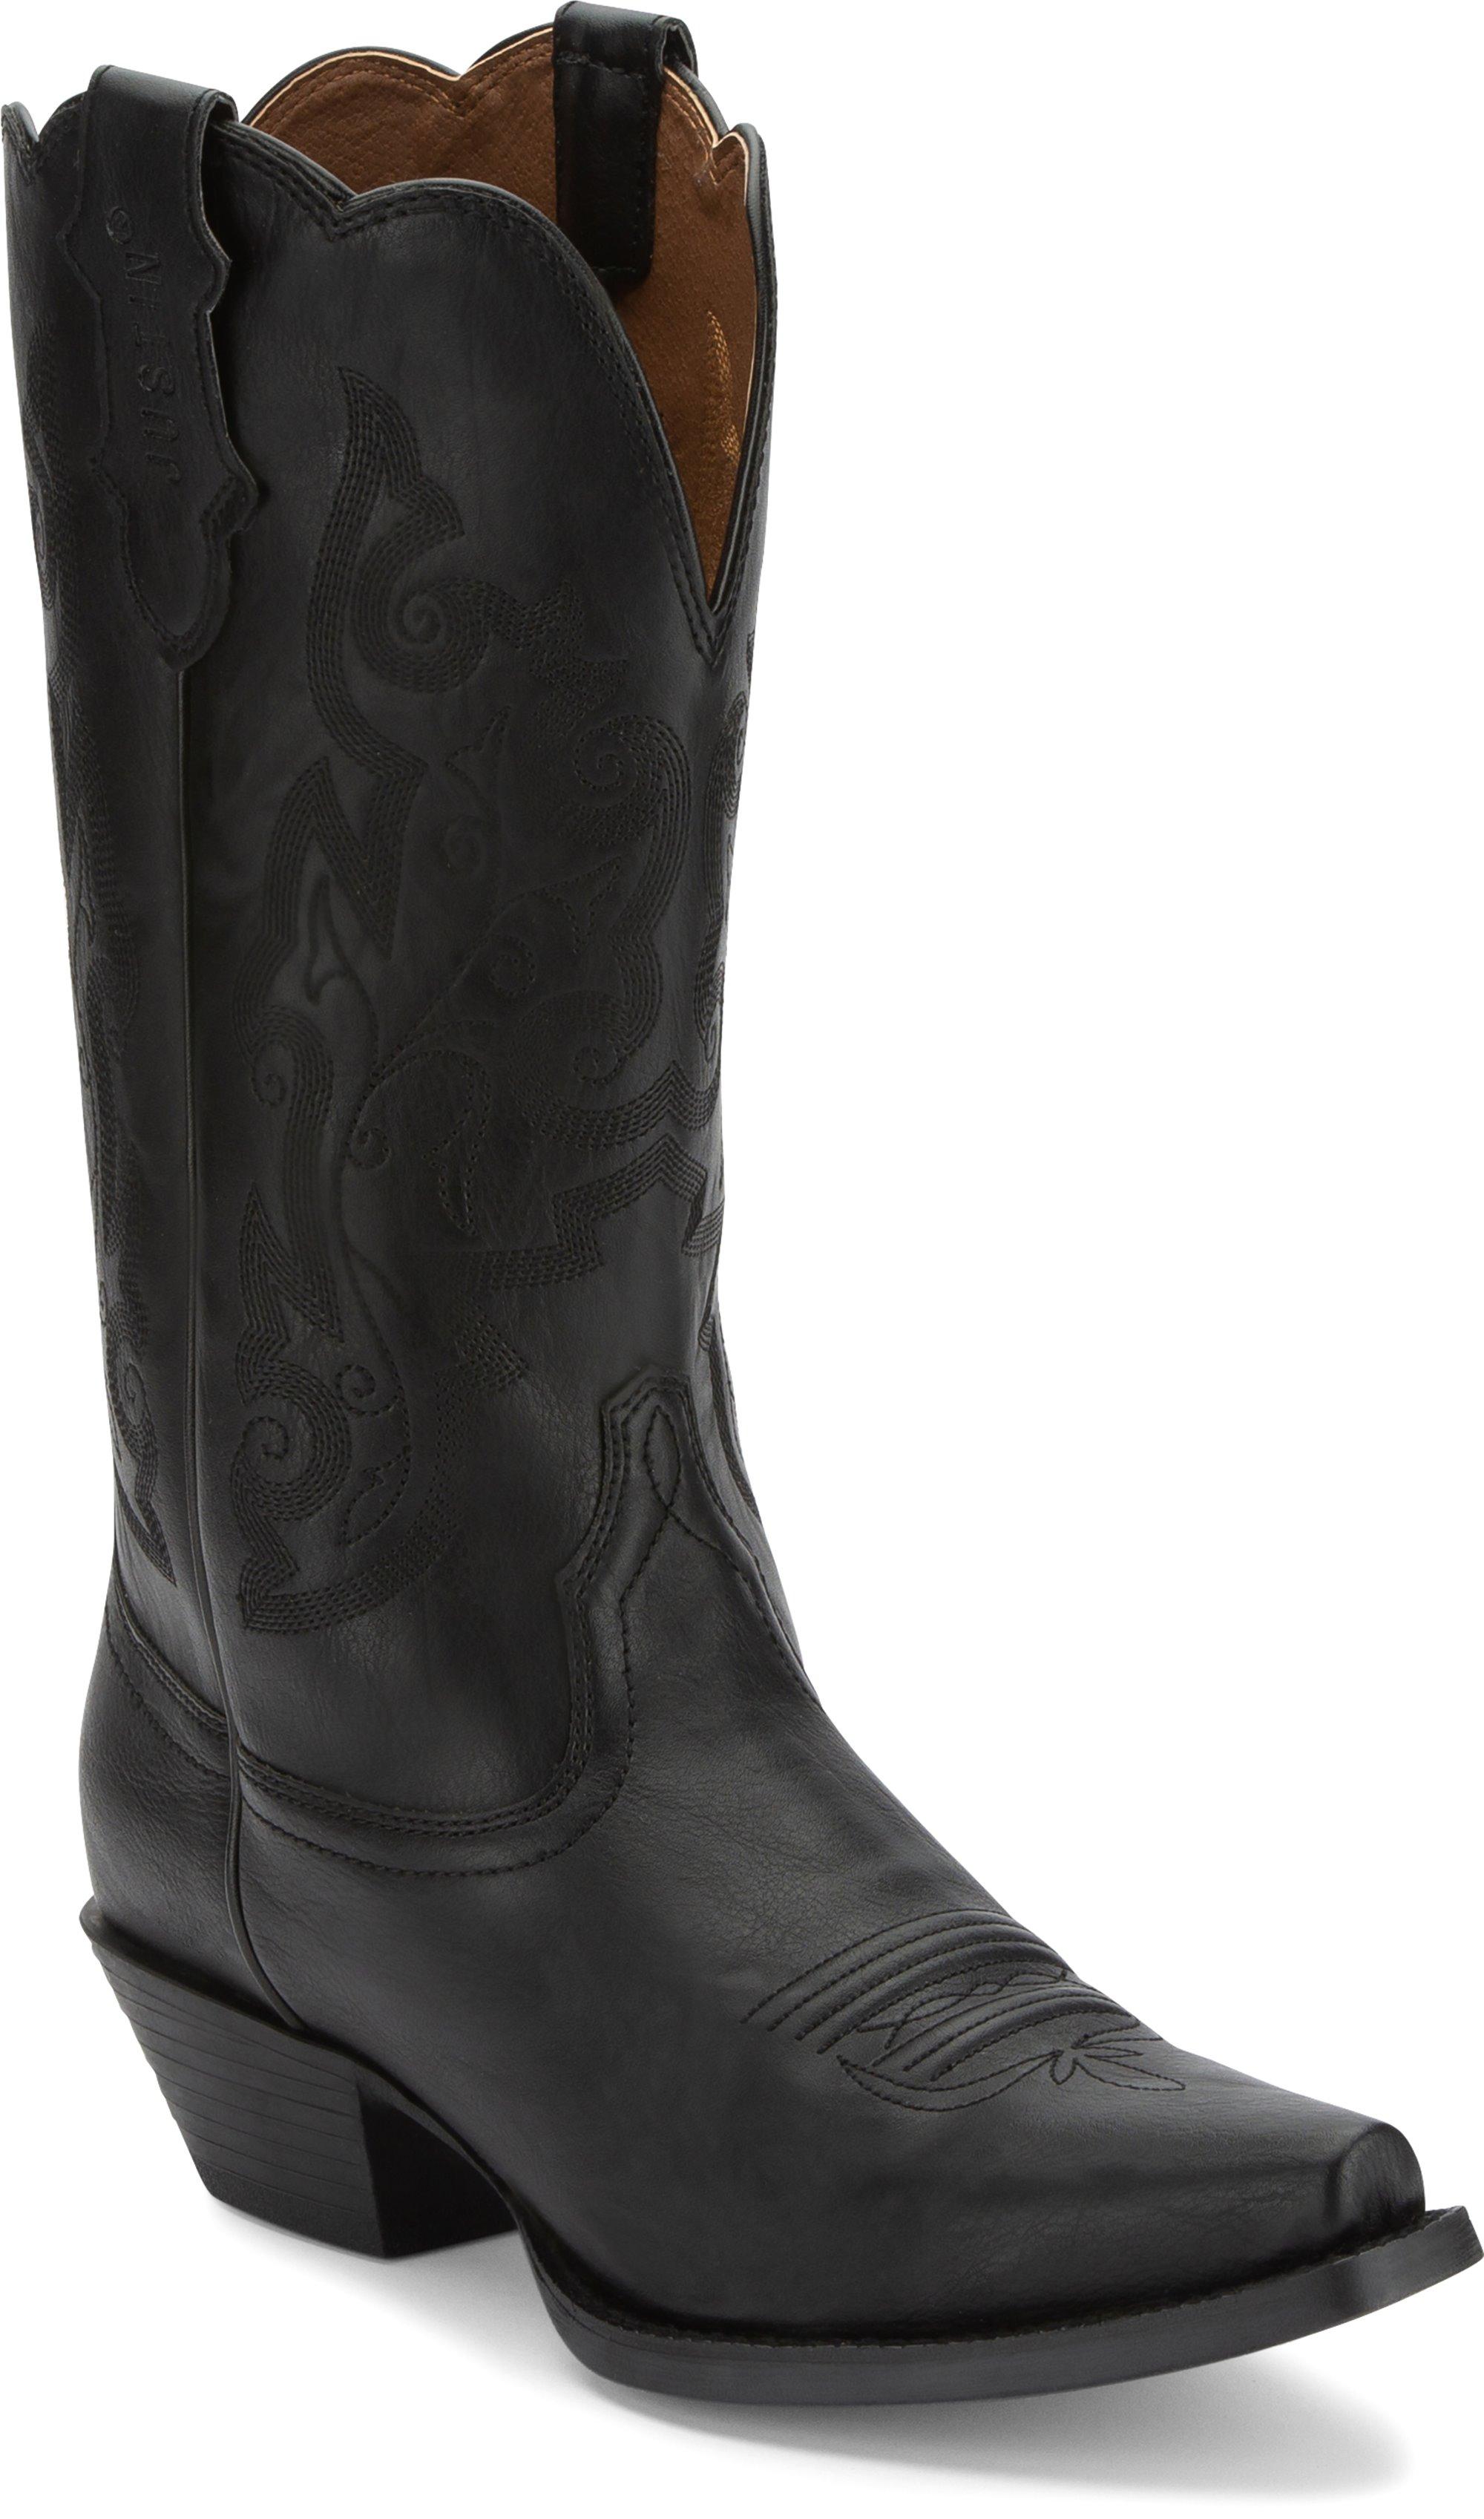 34bf6f91398 JUSTIN BOOTS #JBL1115 TRACY BLACK